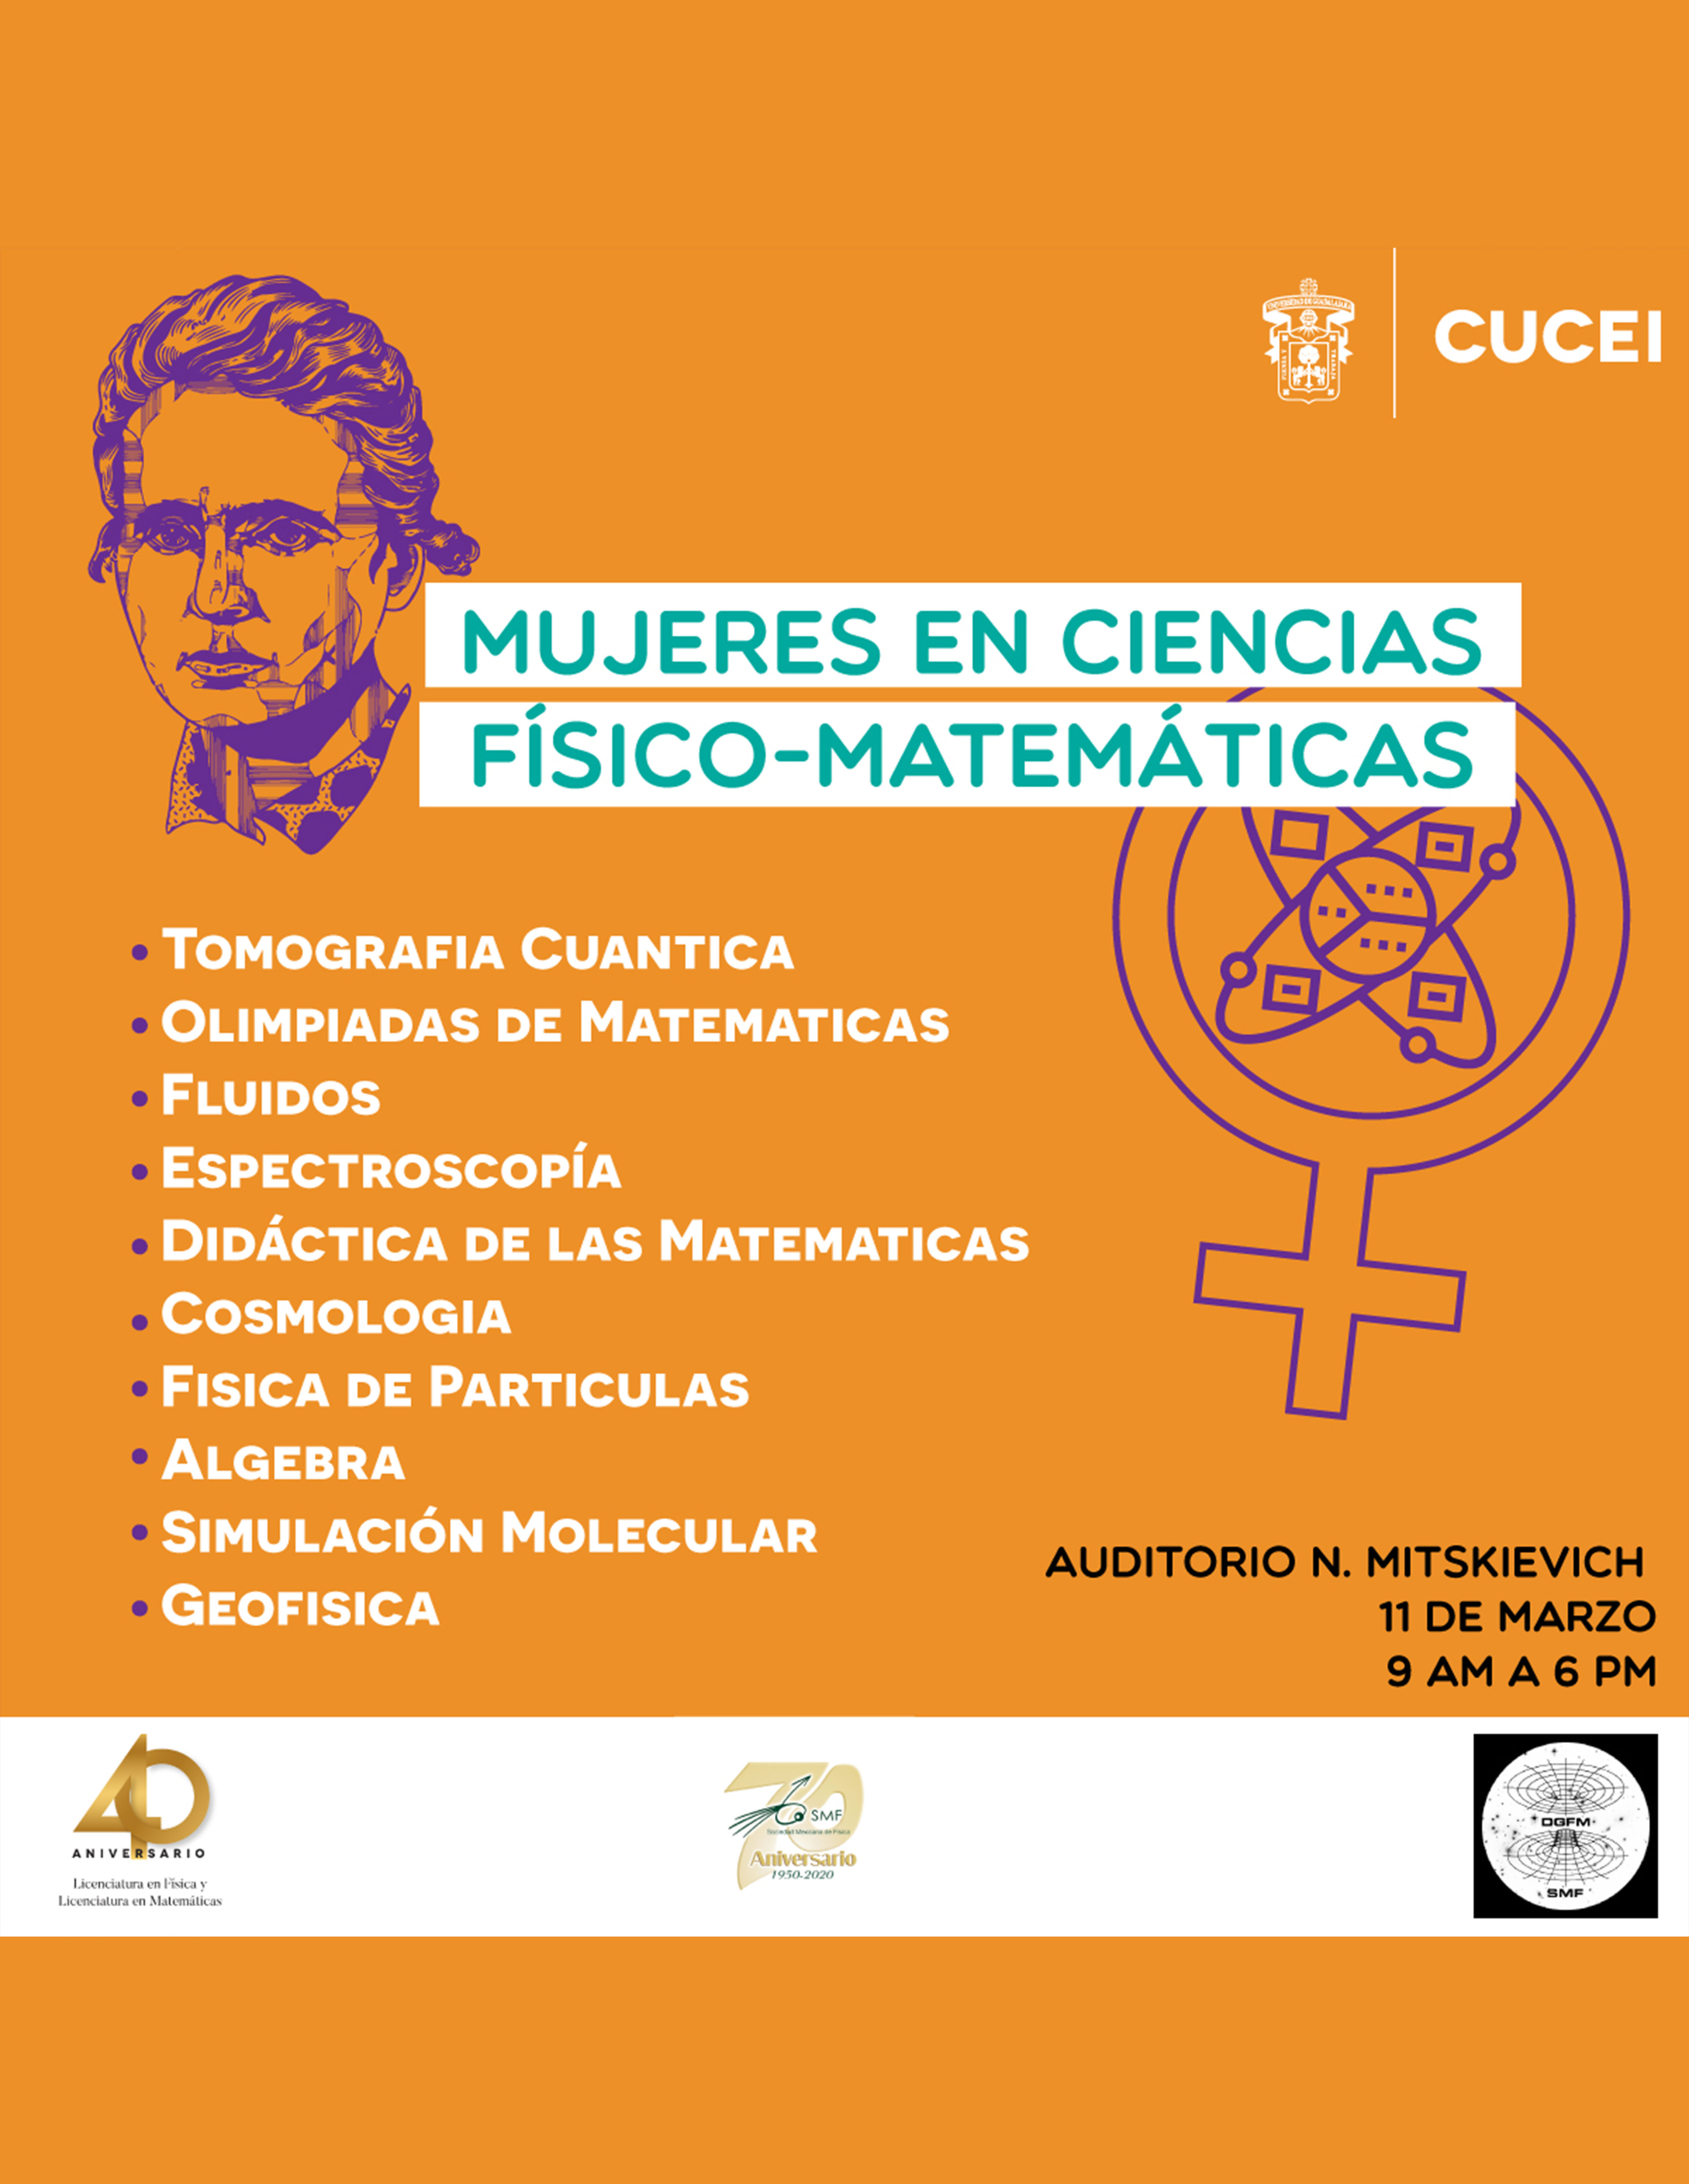 Mujeres en Ciencias Físico-Matemáticas a llevarse a cabo el 11 de marzo a las 9:00 horas.